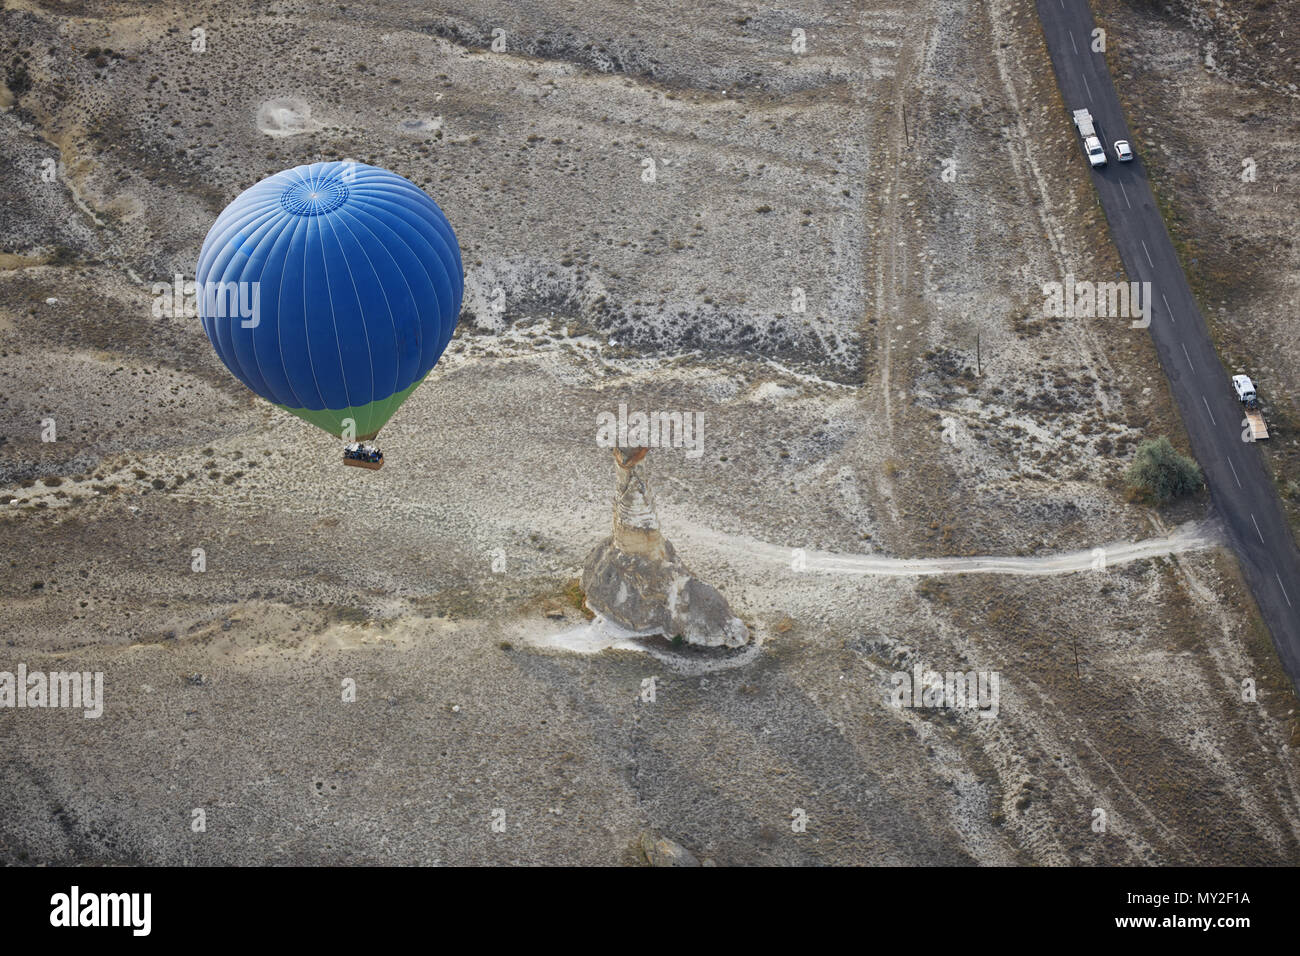 Blur hot air balloon survolant la route avec transport. Vue de dessus Photo Stock